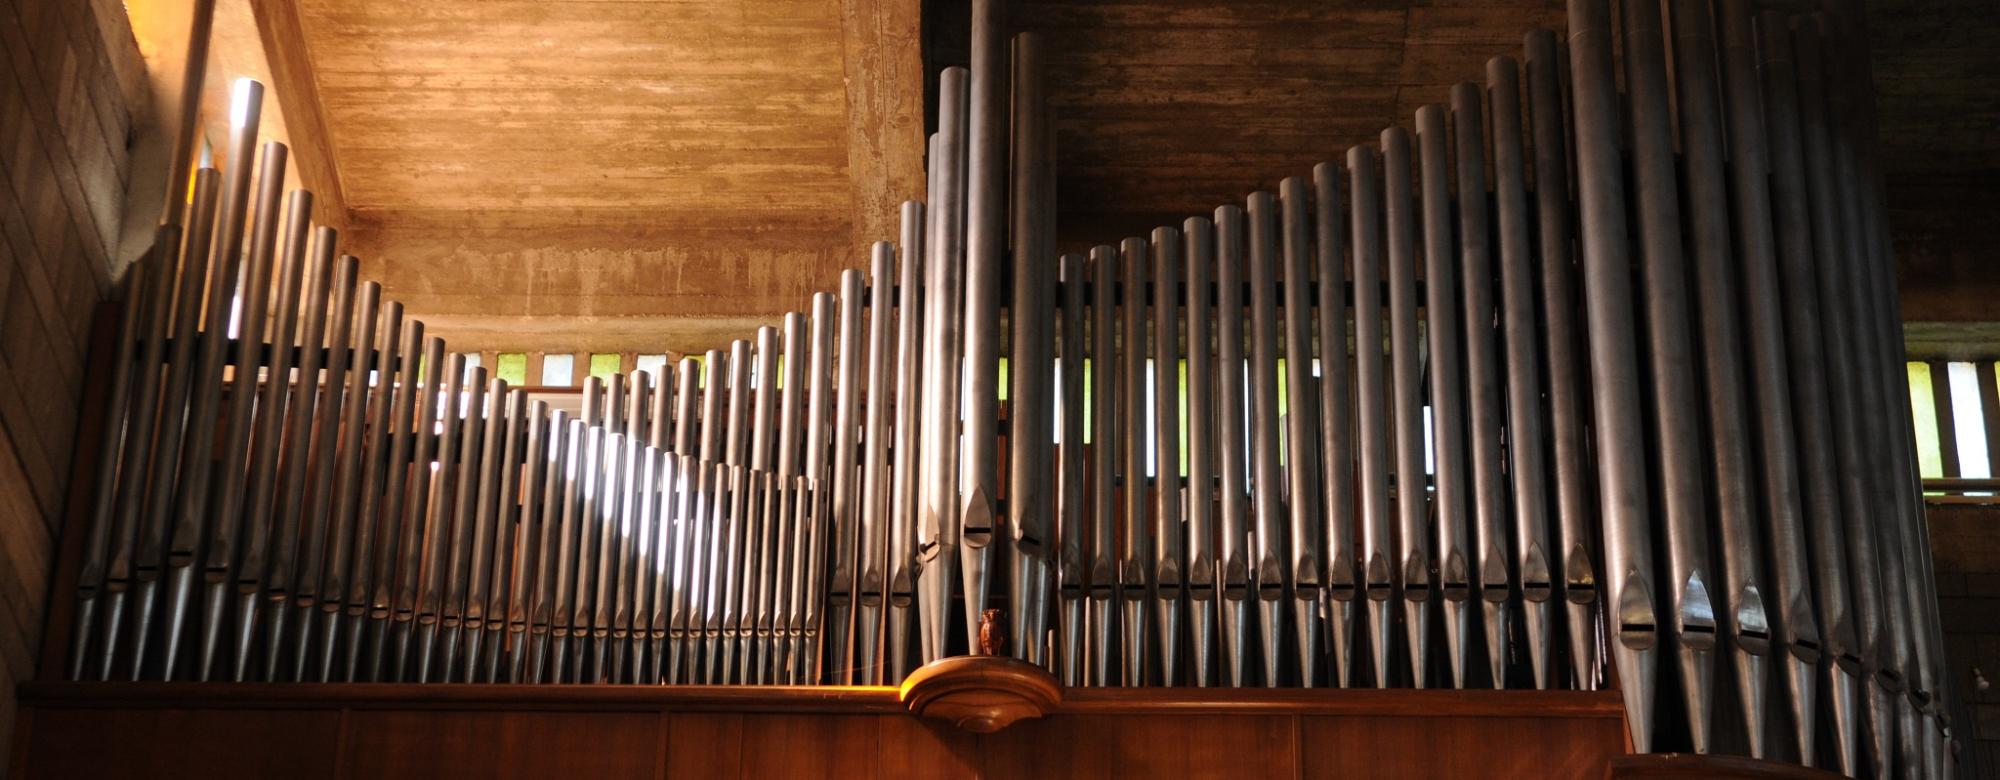 Lorient, l'orgue de l'église Saint-Louis.